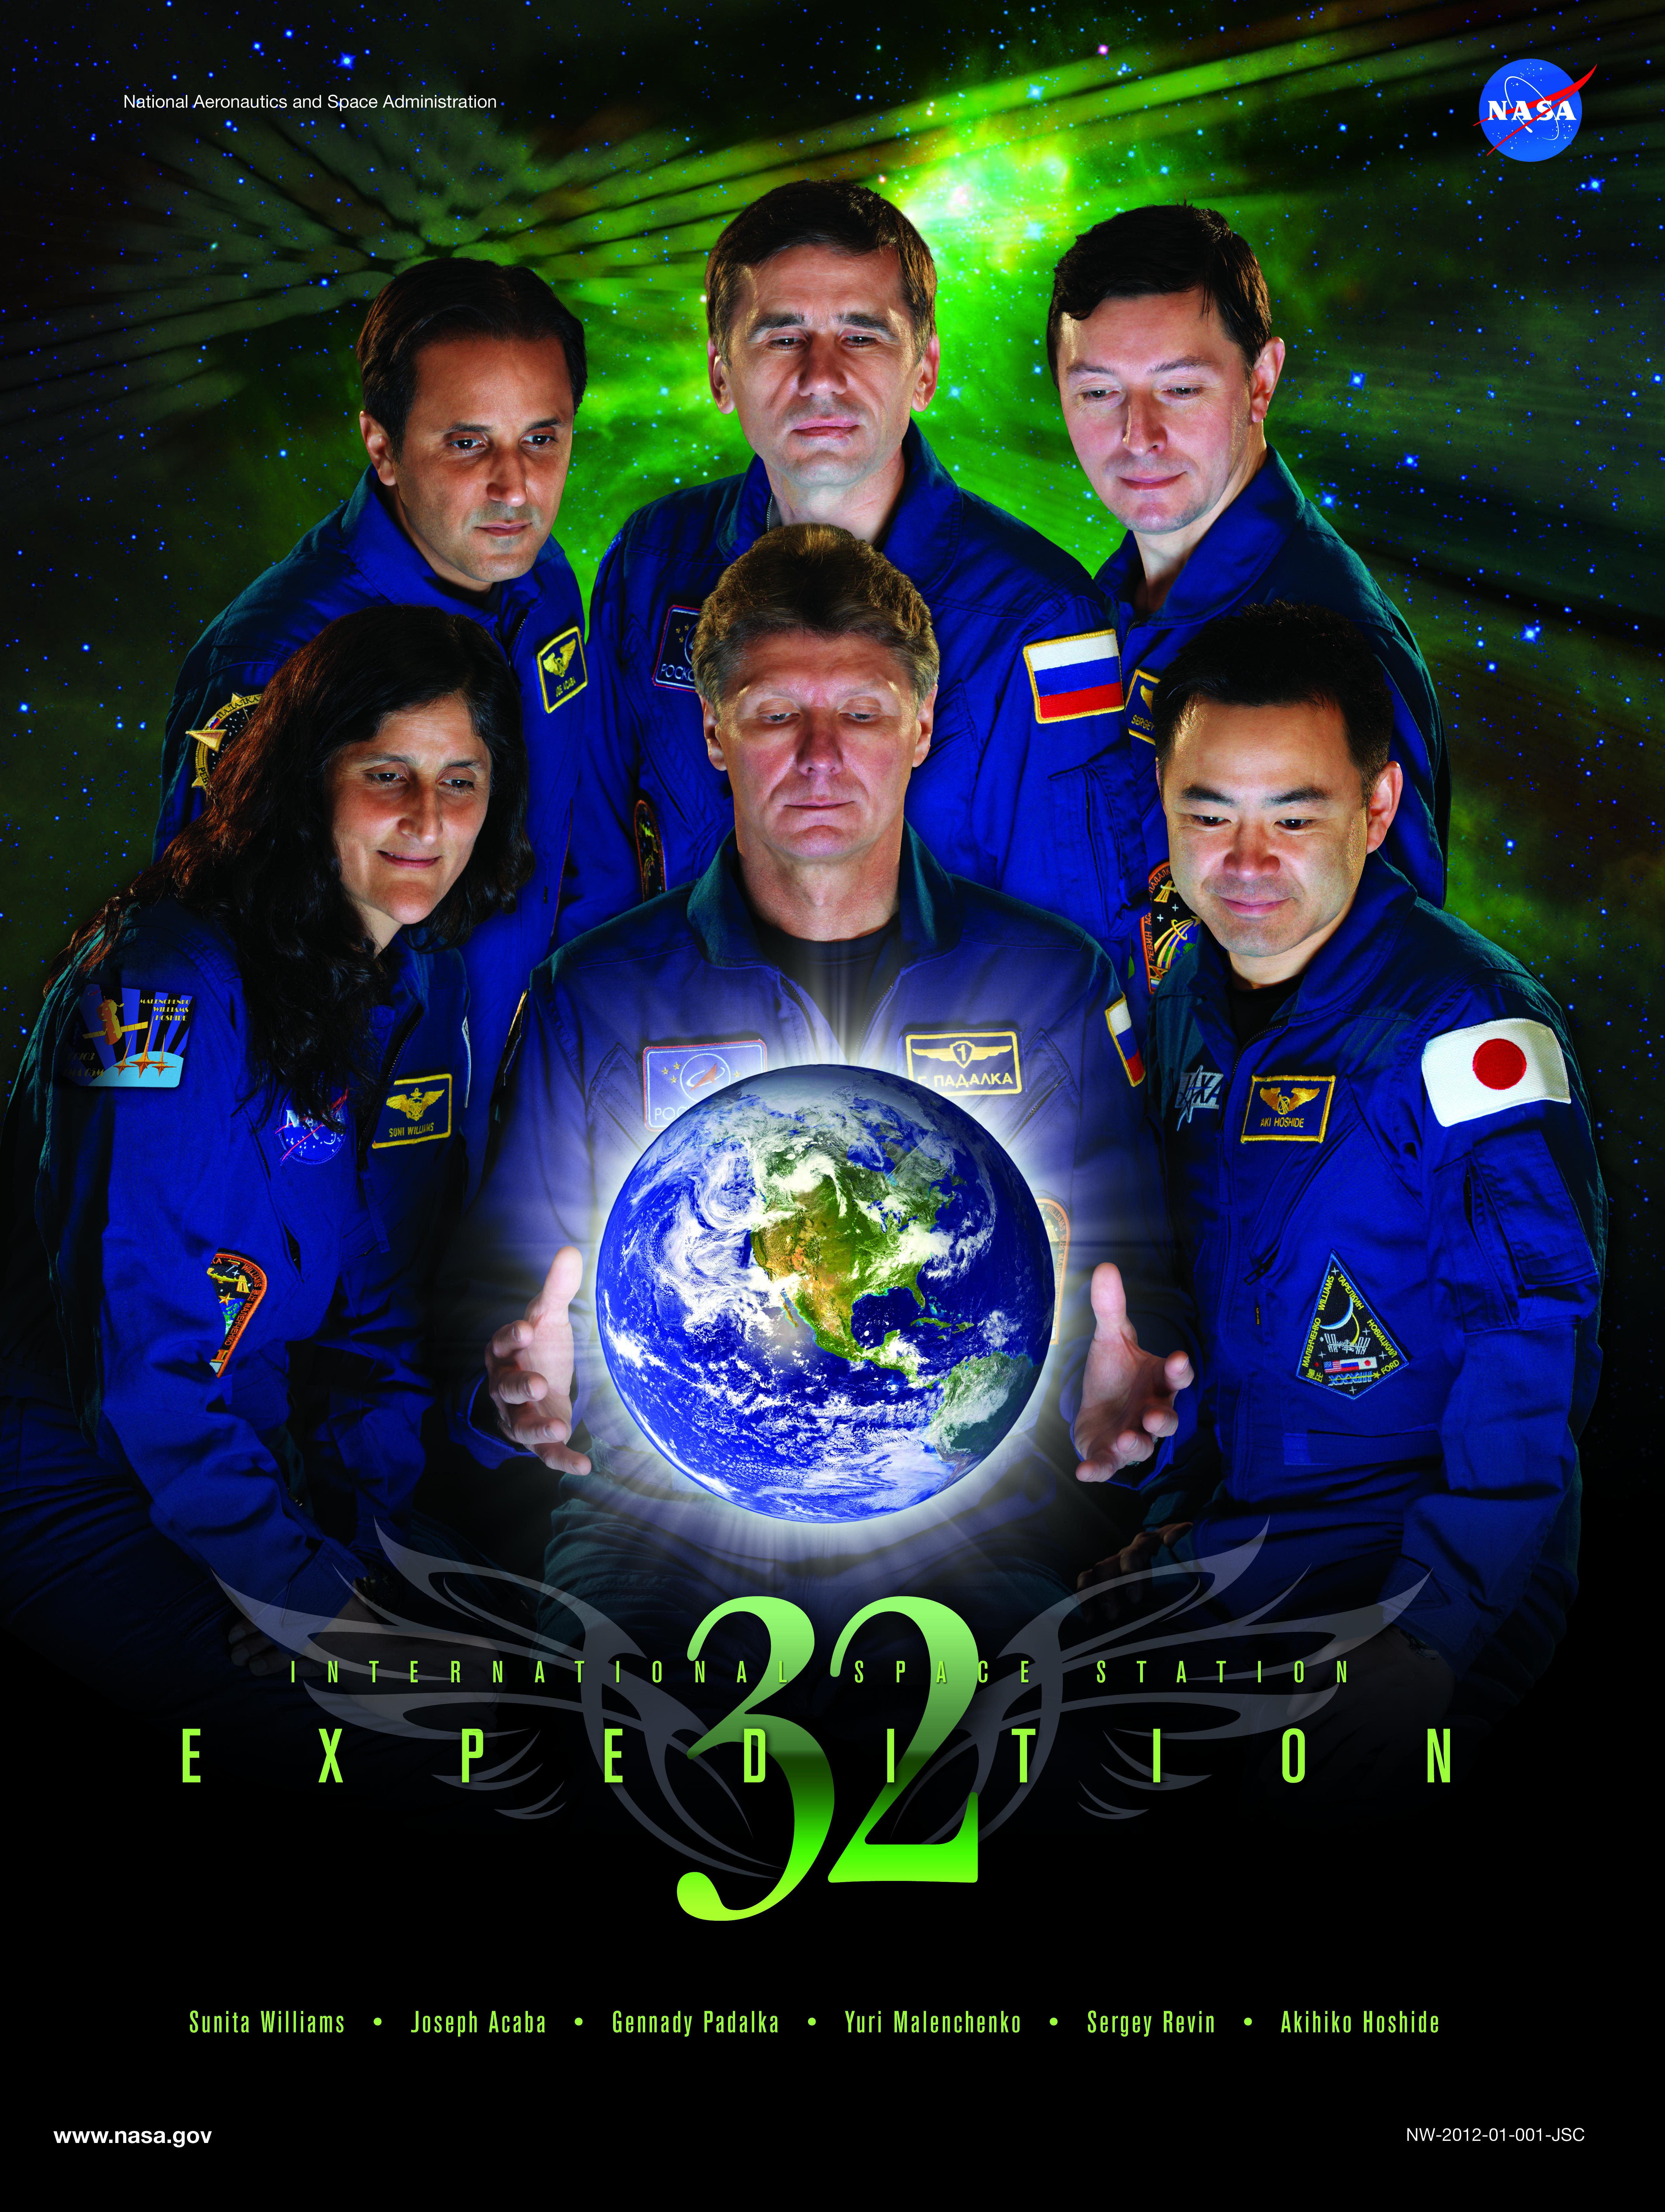 壁紙 ポスター Jaxa宇宙飛行士によるiss長期滞在 宇宙ステーション